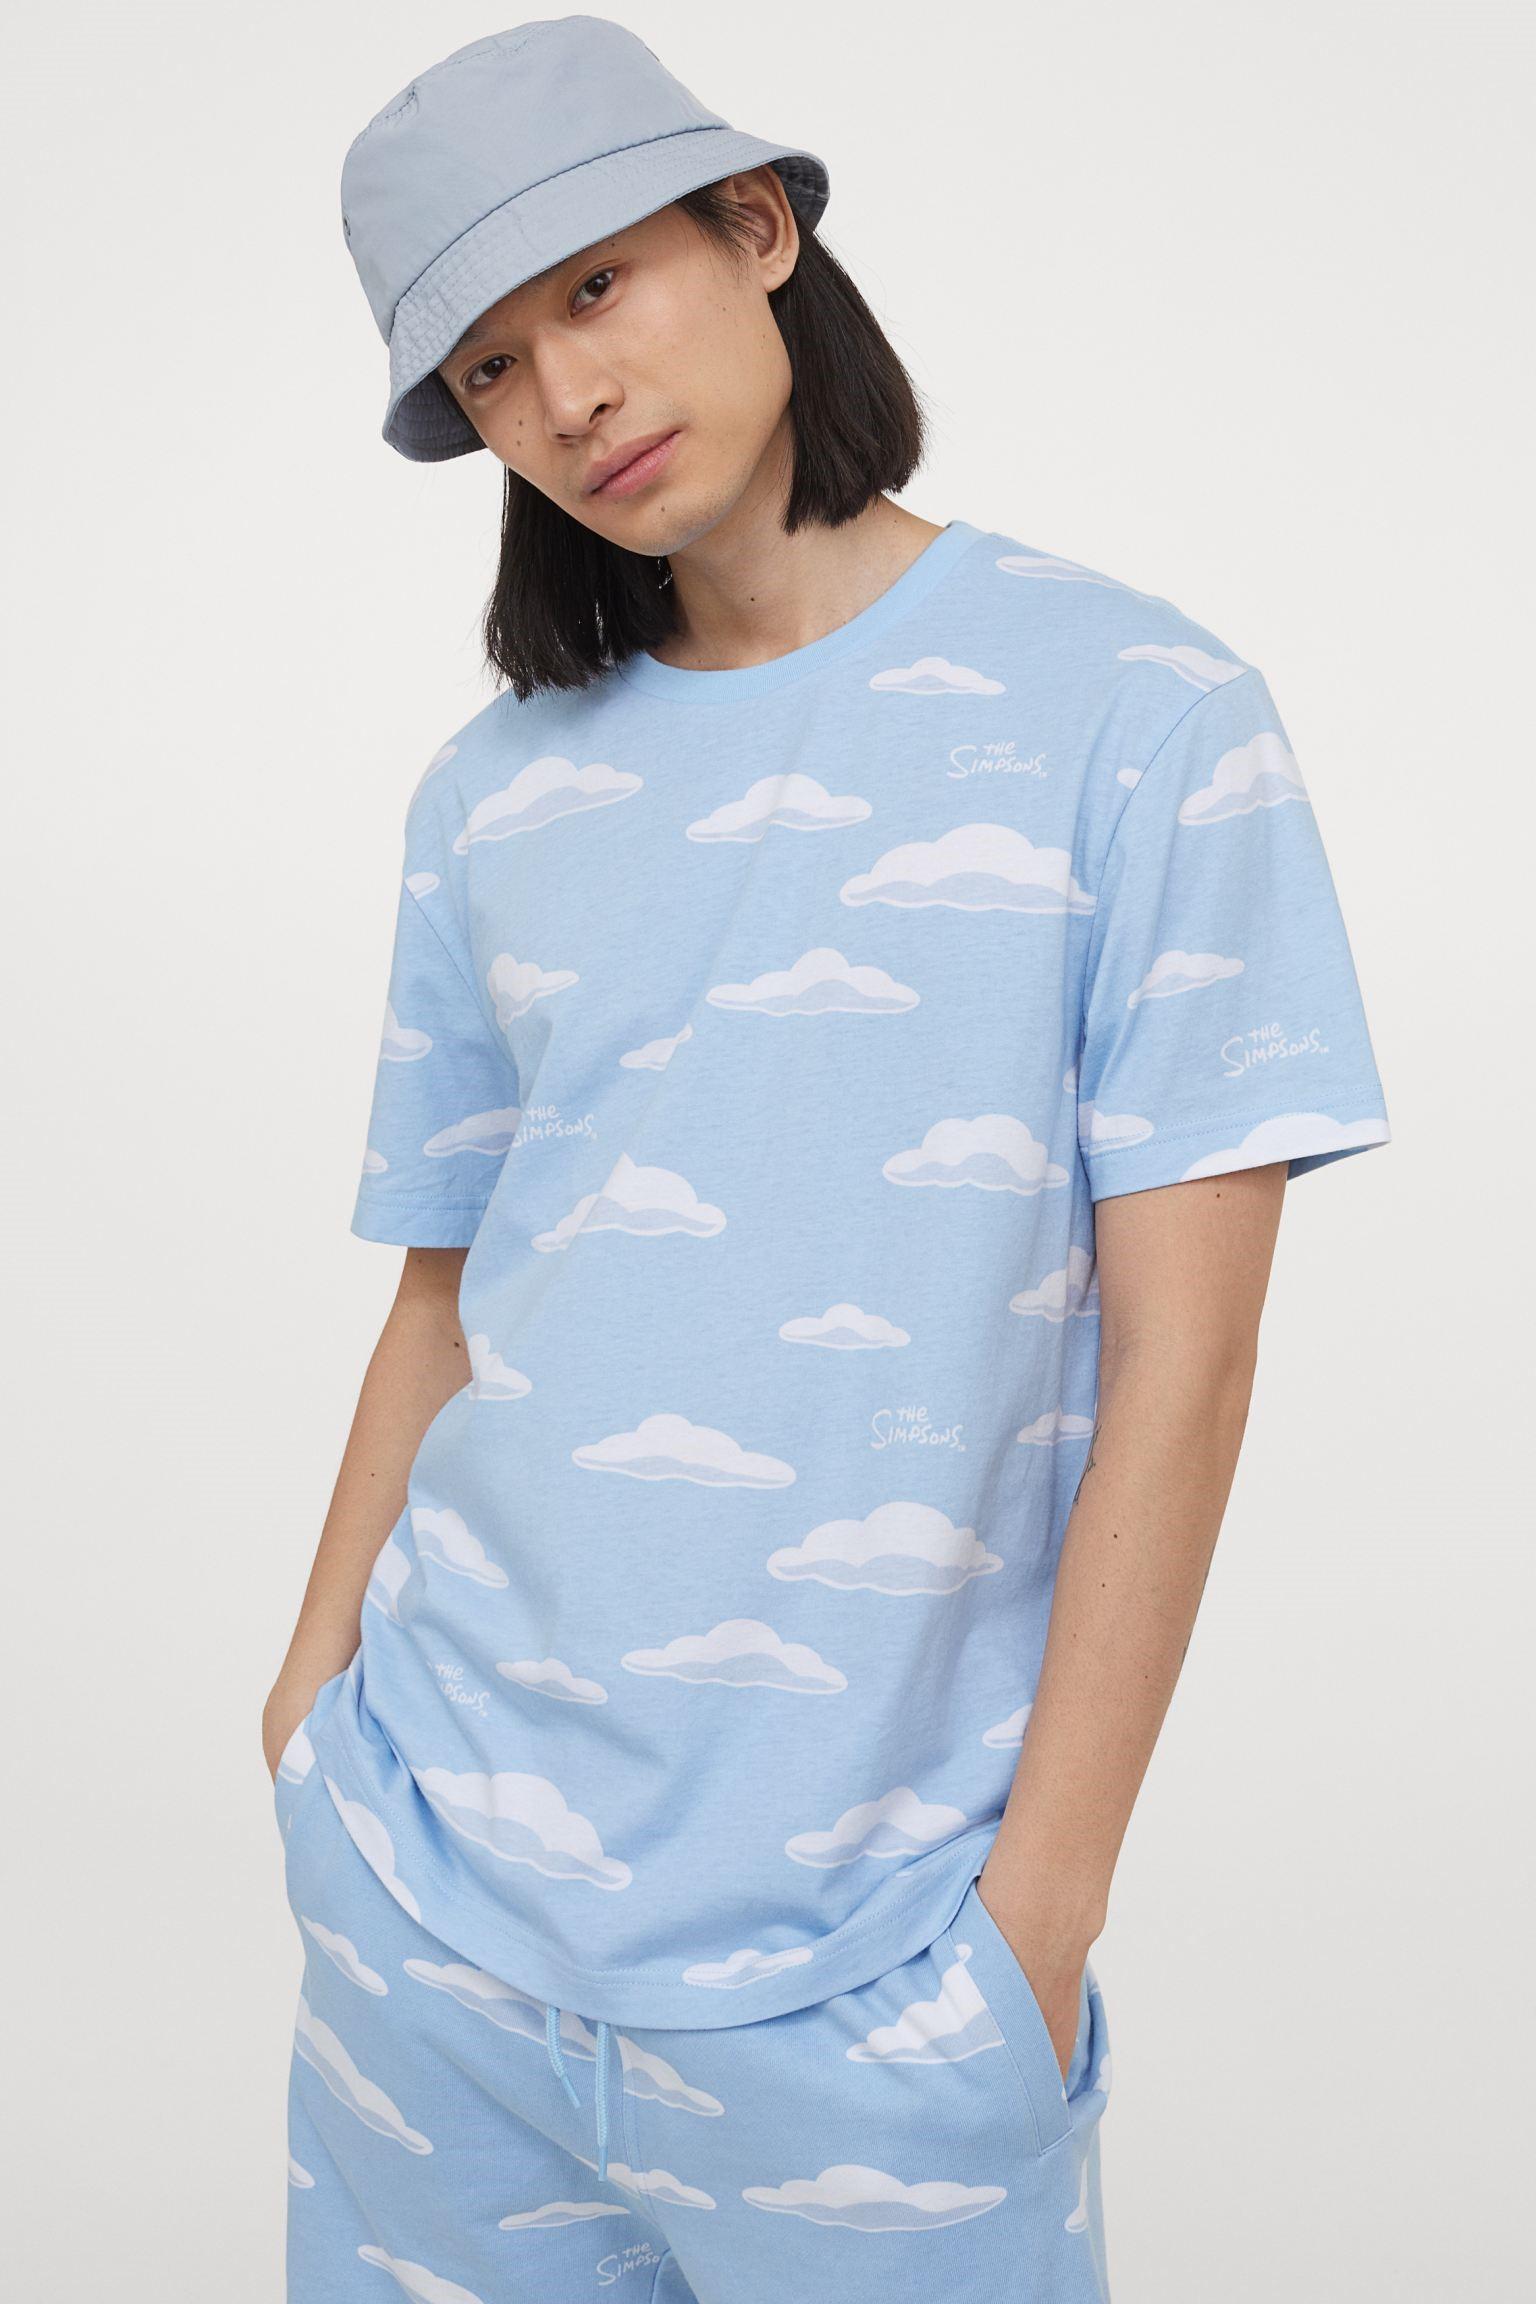 Camiseta de nubes